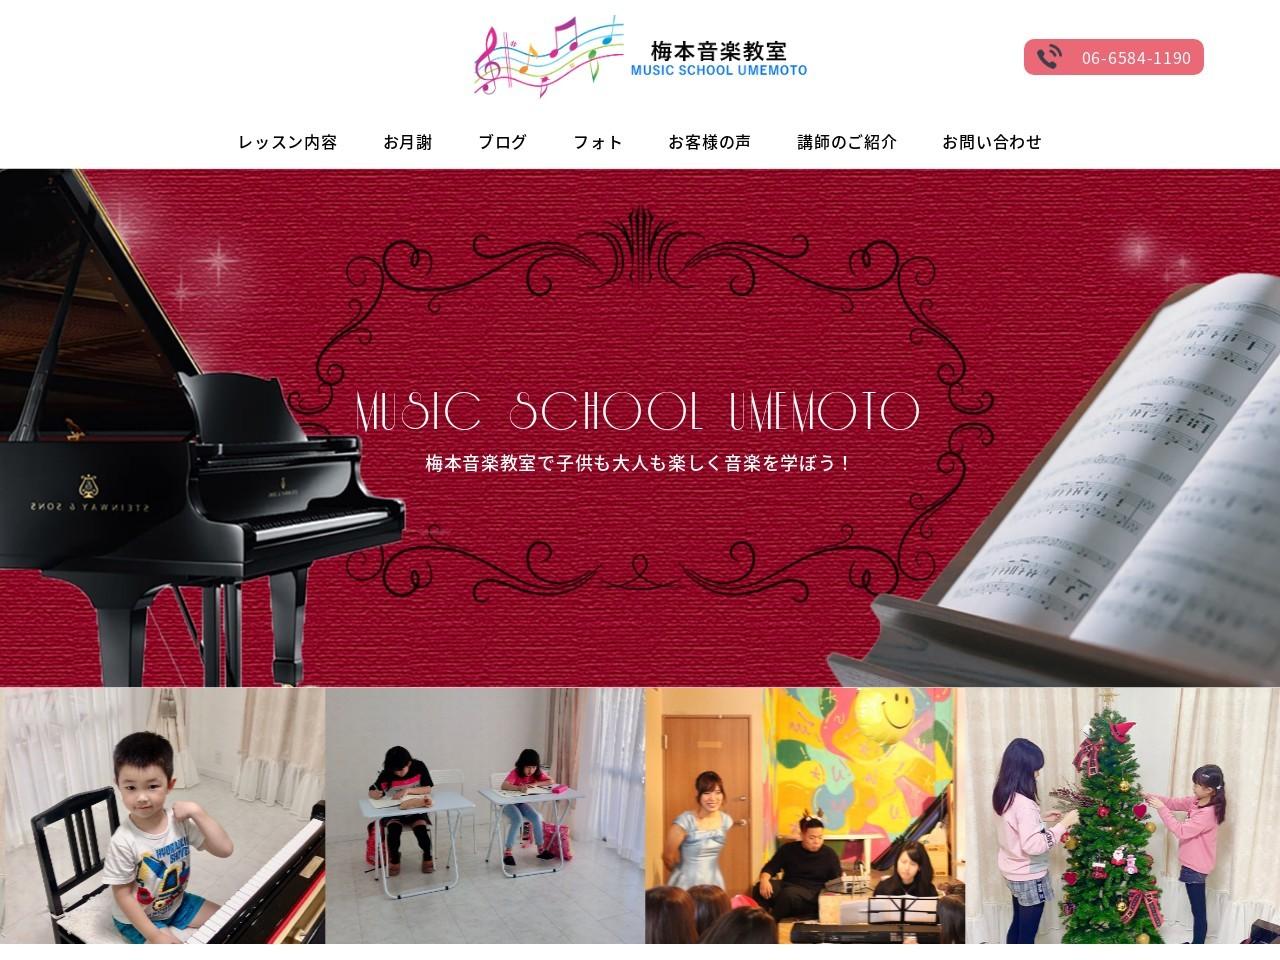 梅本音楽教室のサムネイル